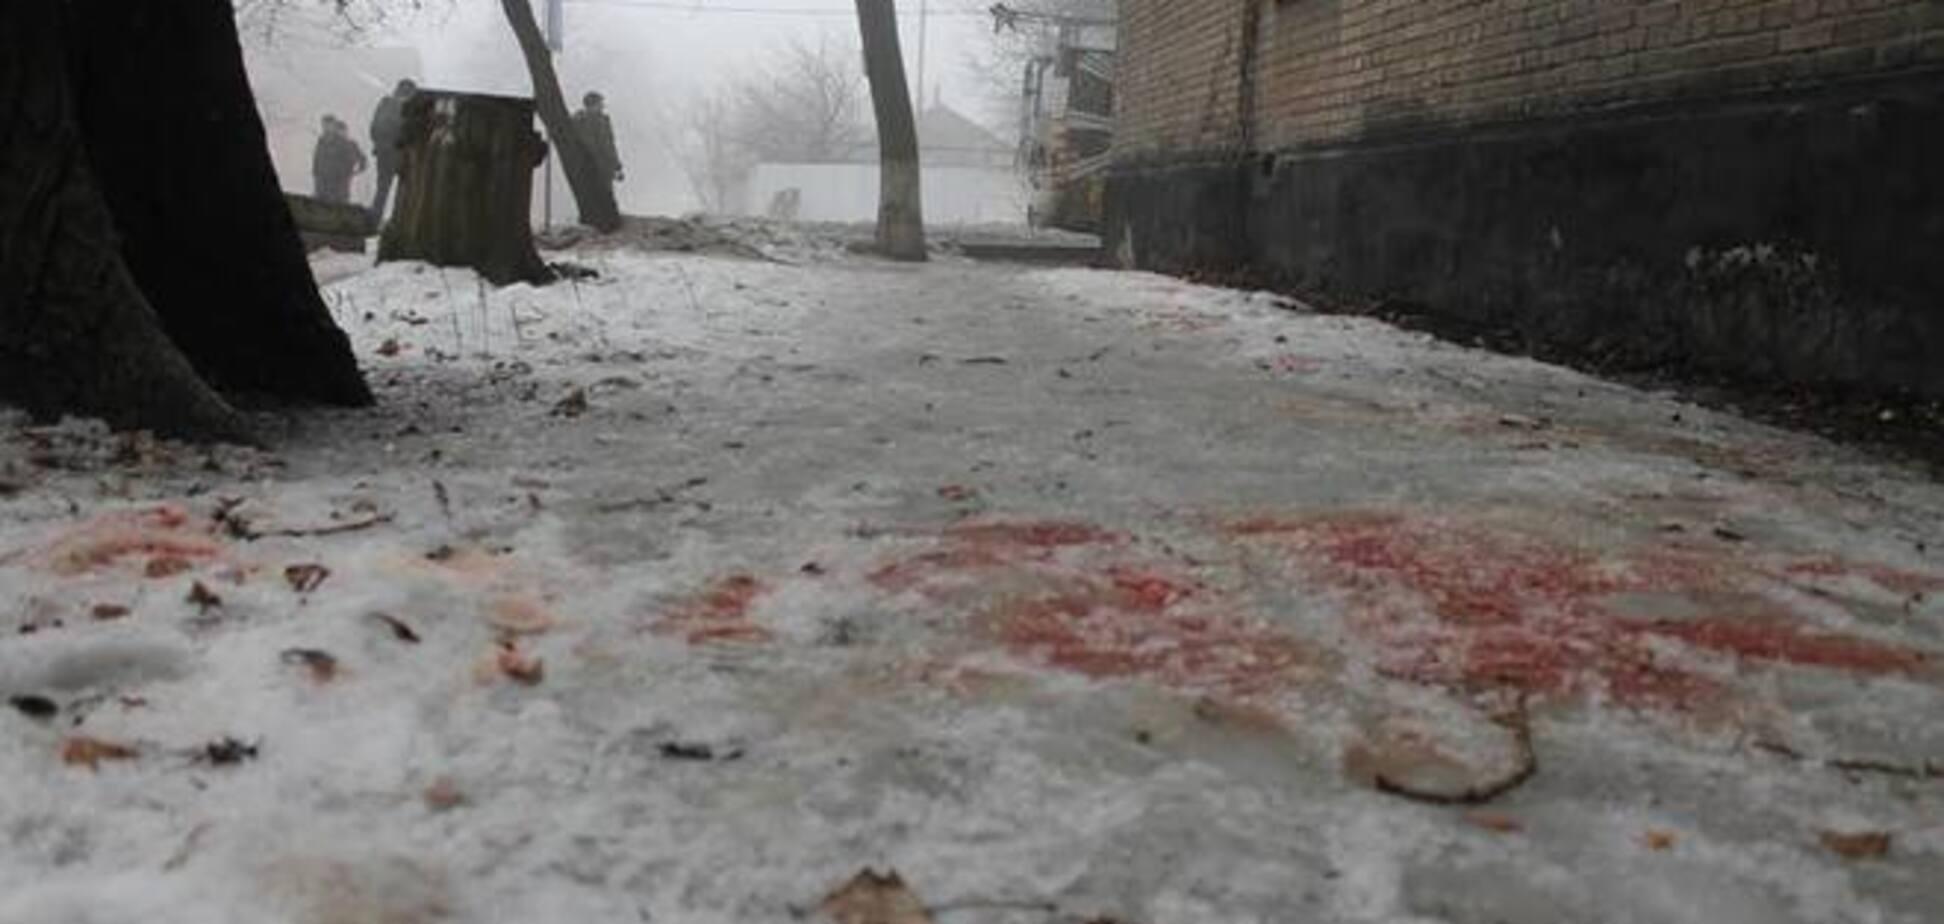 Стали известны подробности обстрела мирных жителей Донецка: ужасающие фото и видео 18+